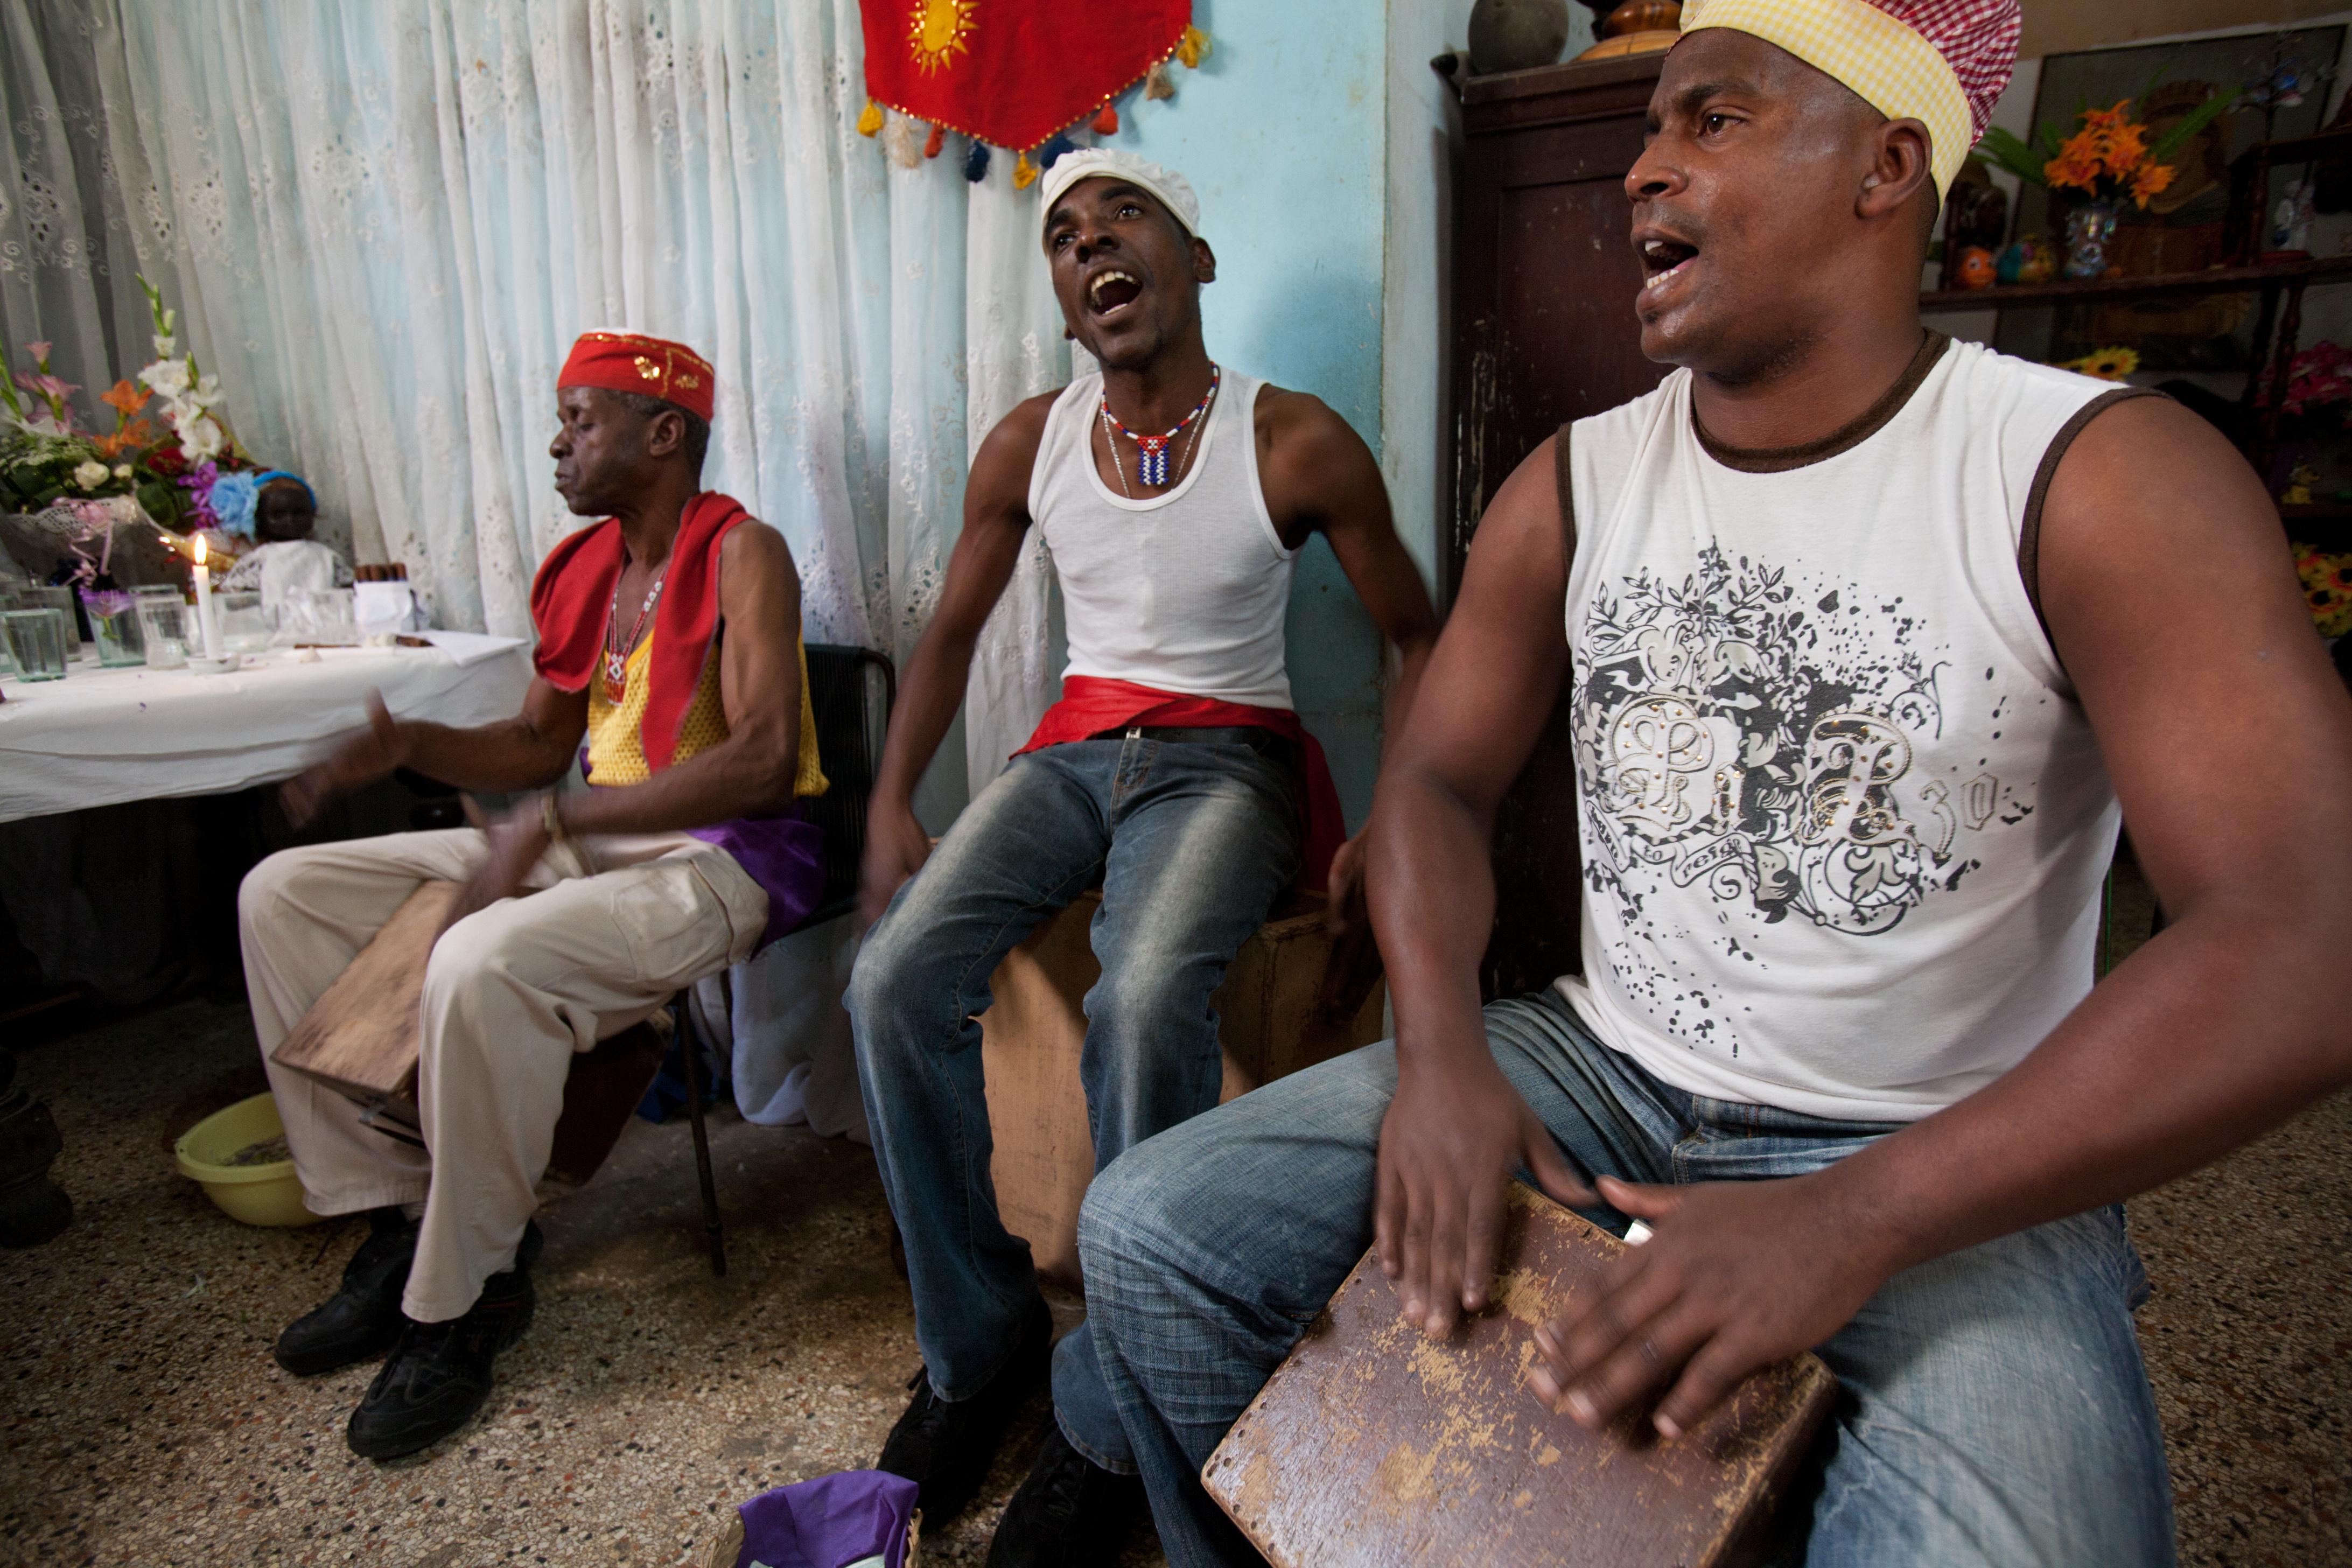 https://upload.wikimedia.org/wikipedia/commons/9/9d/Havana_-_Cuba_-_0675.jpg